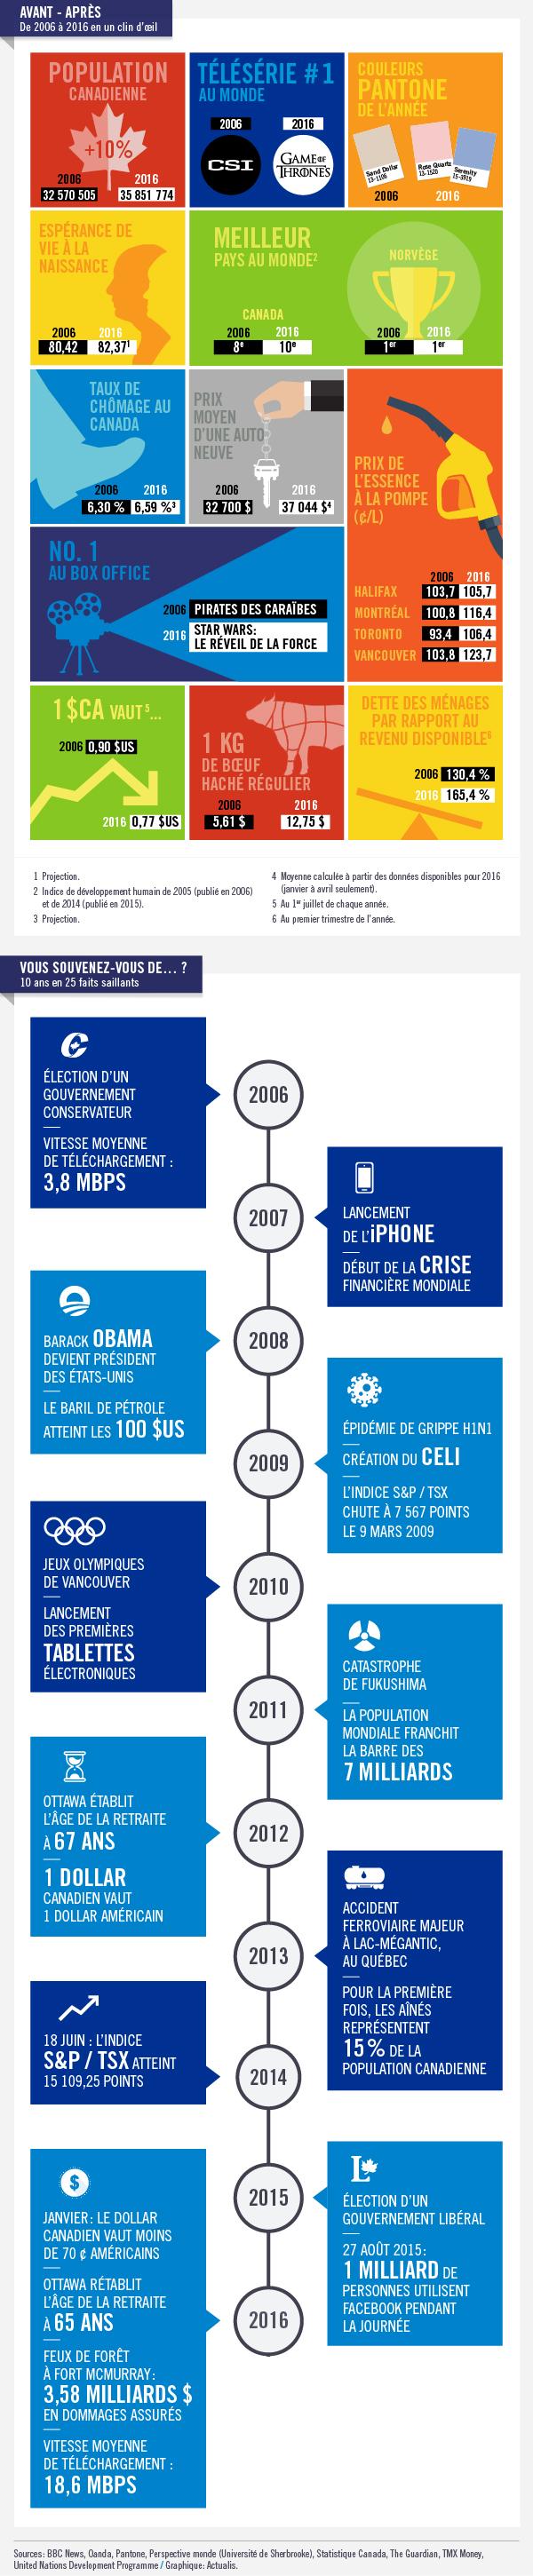 10 ans : qu'est-ce qui a changé ?